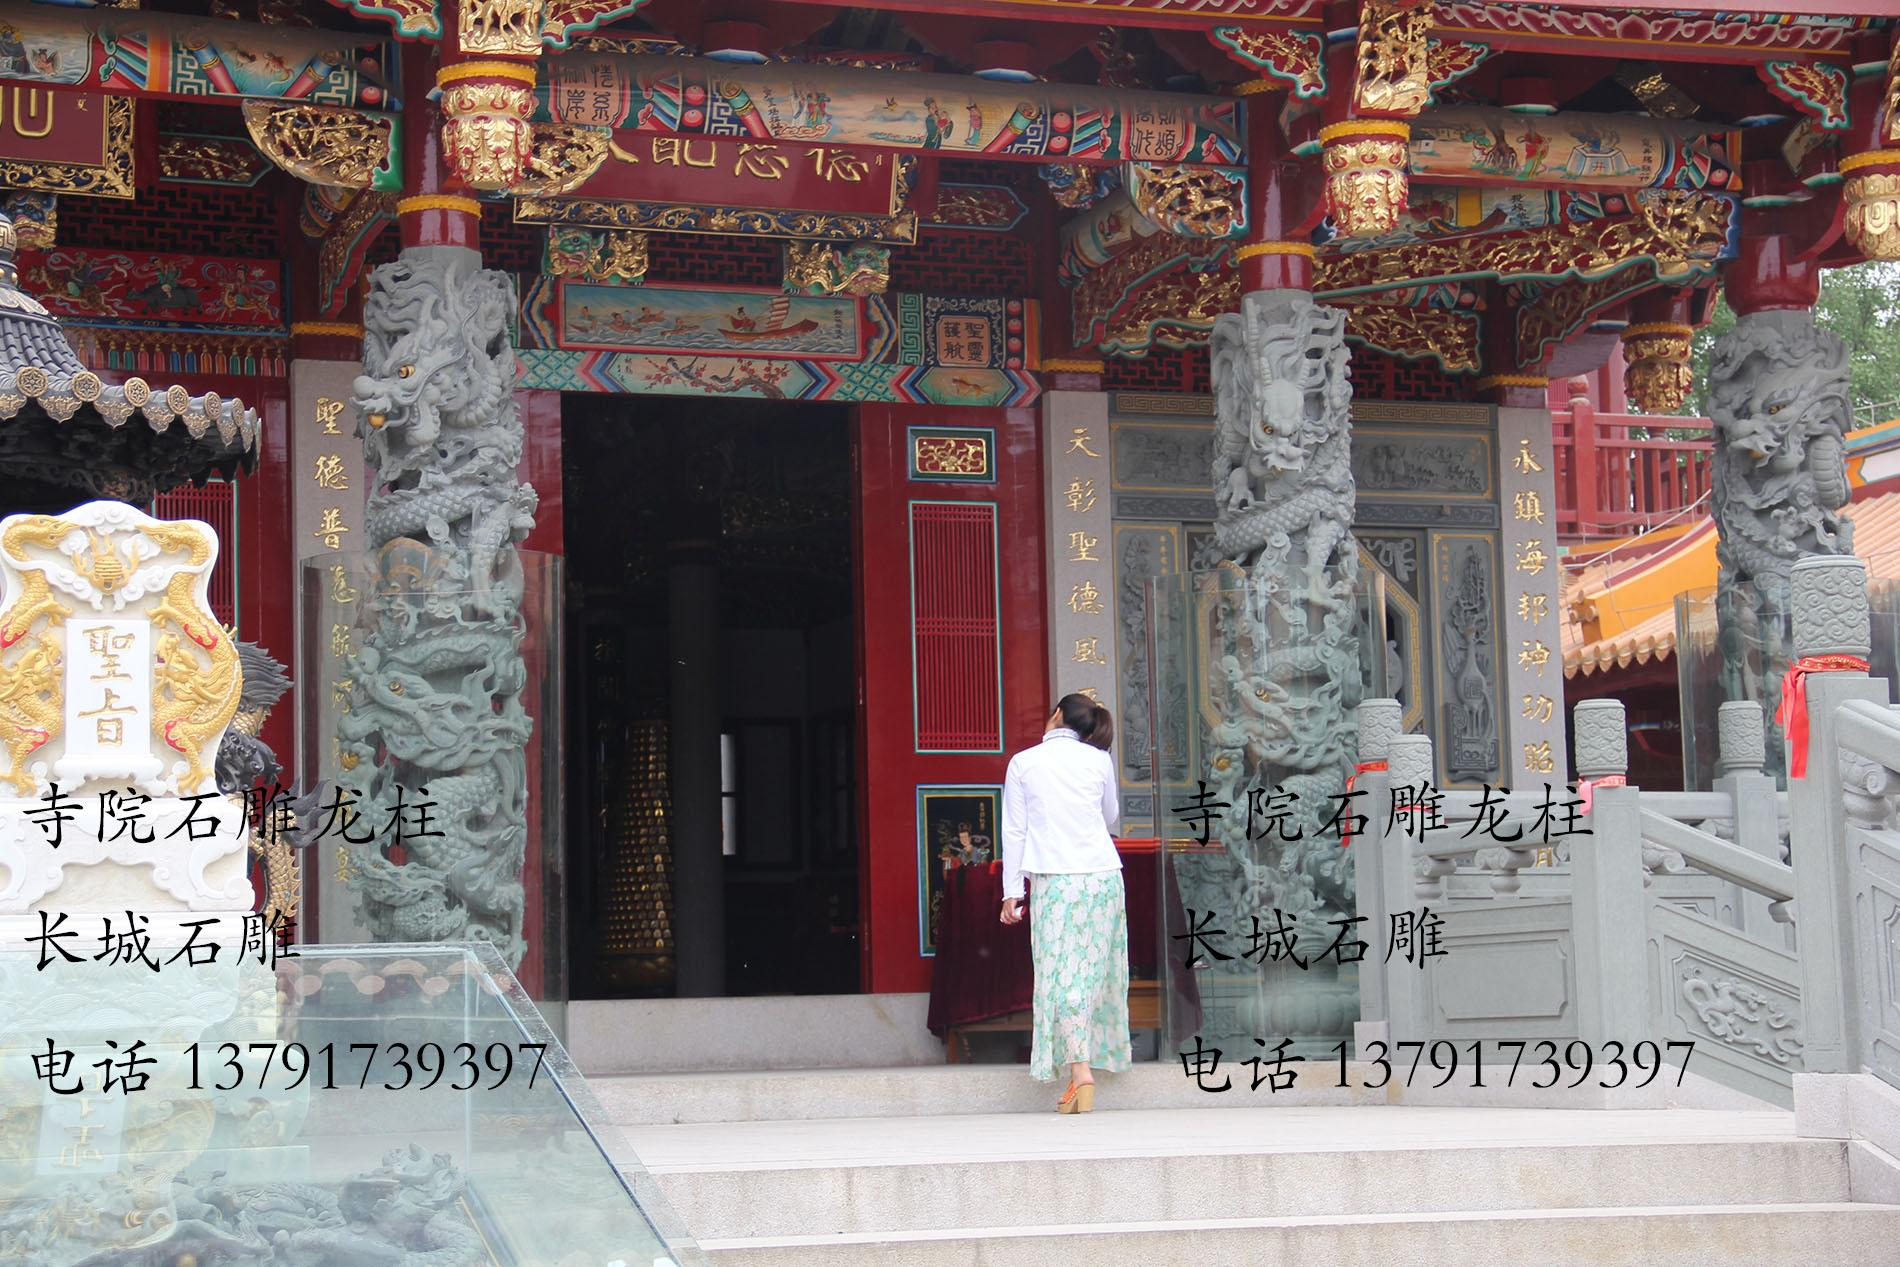 寺庙雕刻石雕龙柱